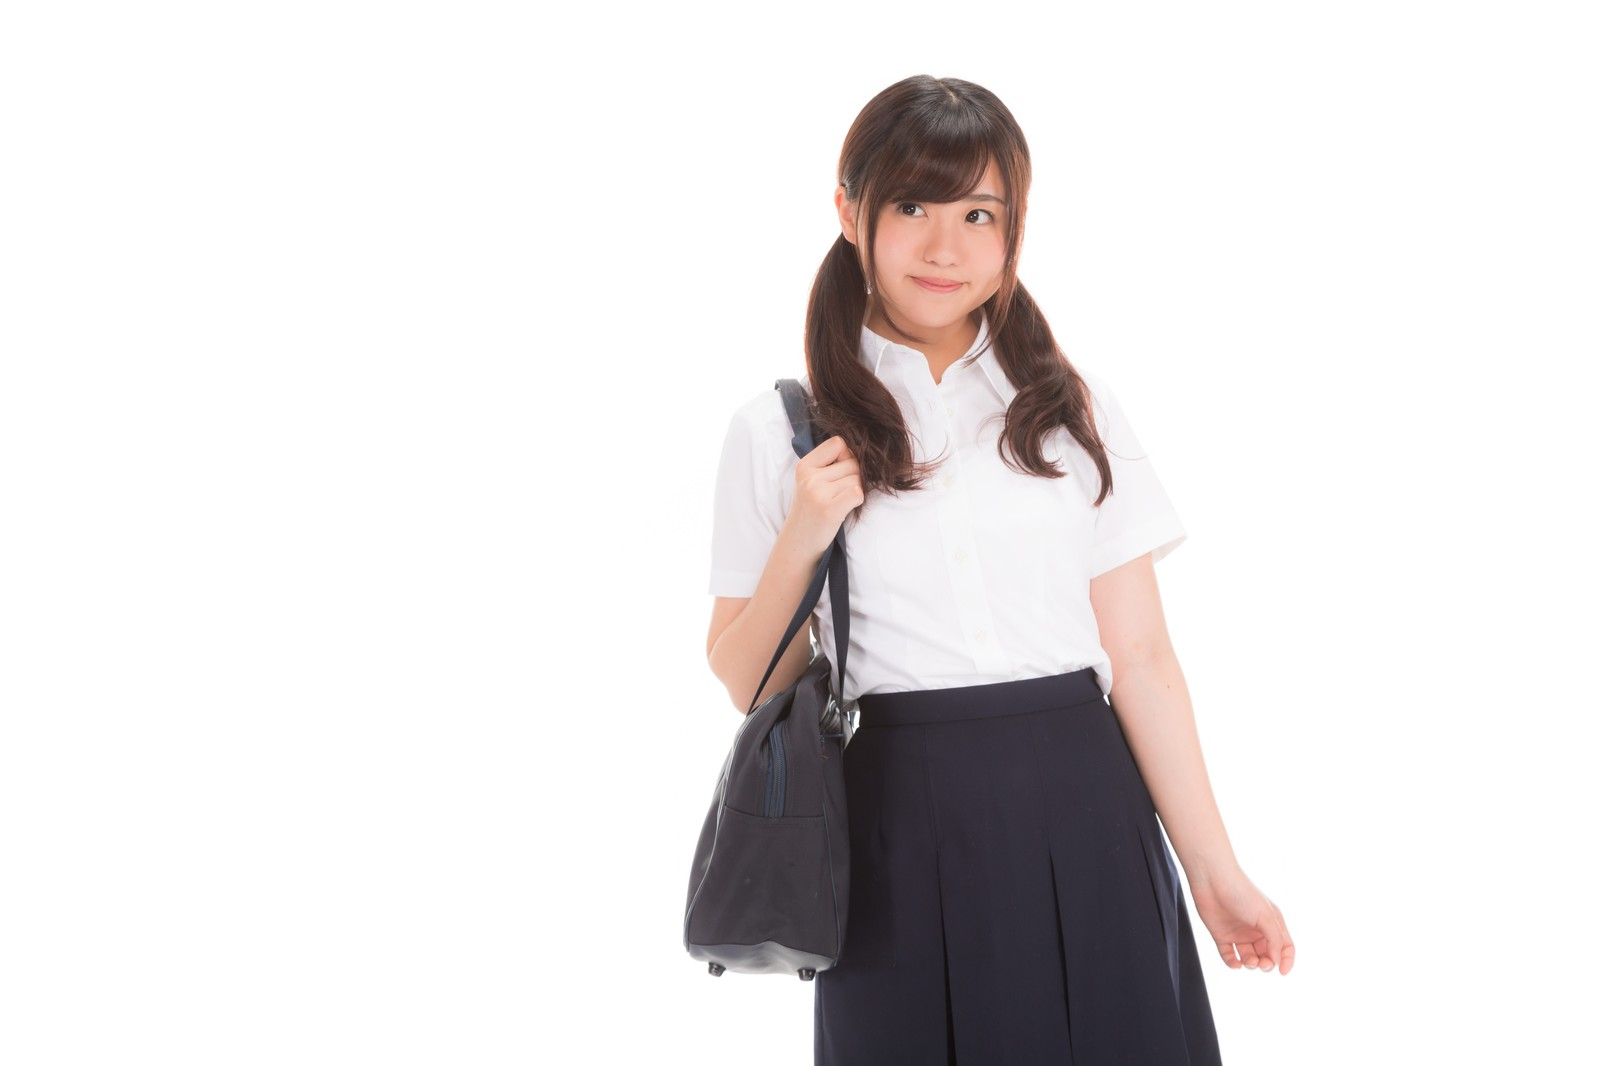 「そわそわする女子高生」の写真[モデル:河村友歌]